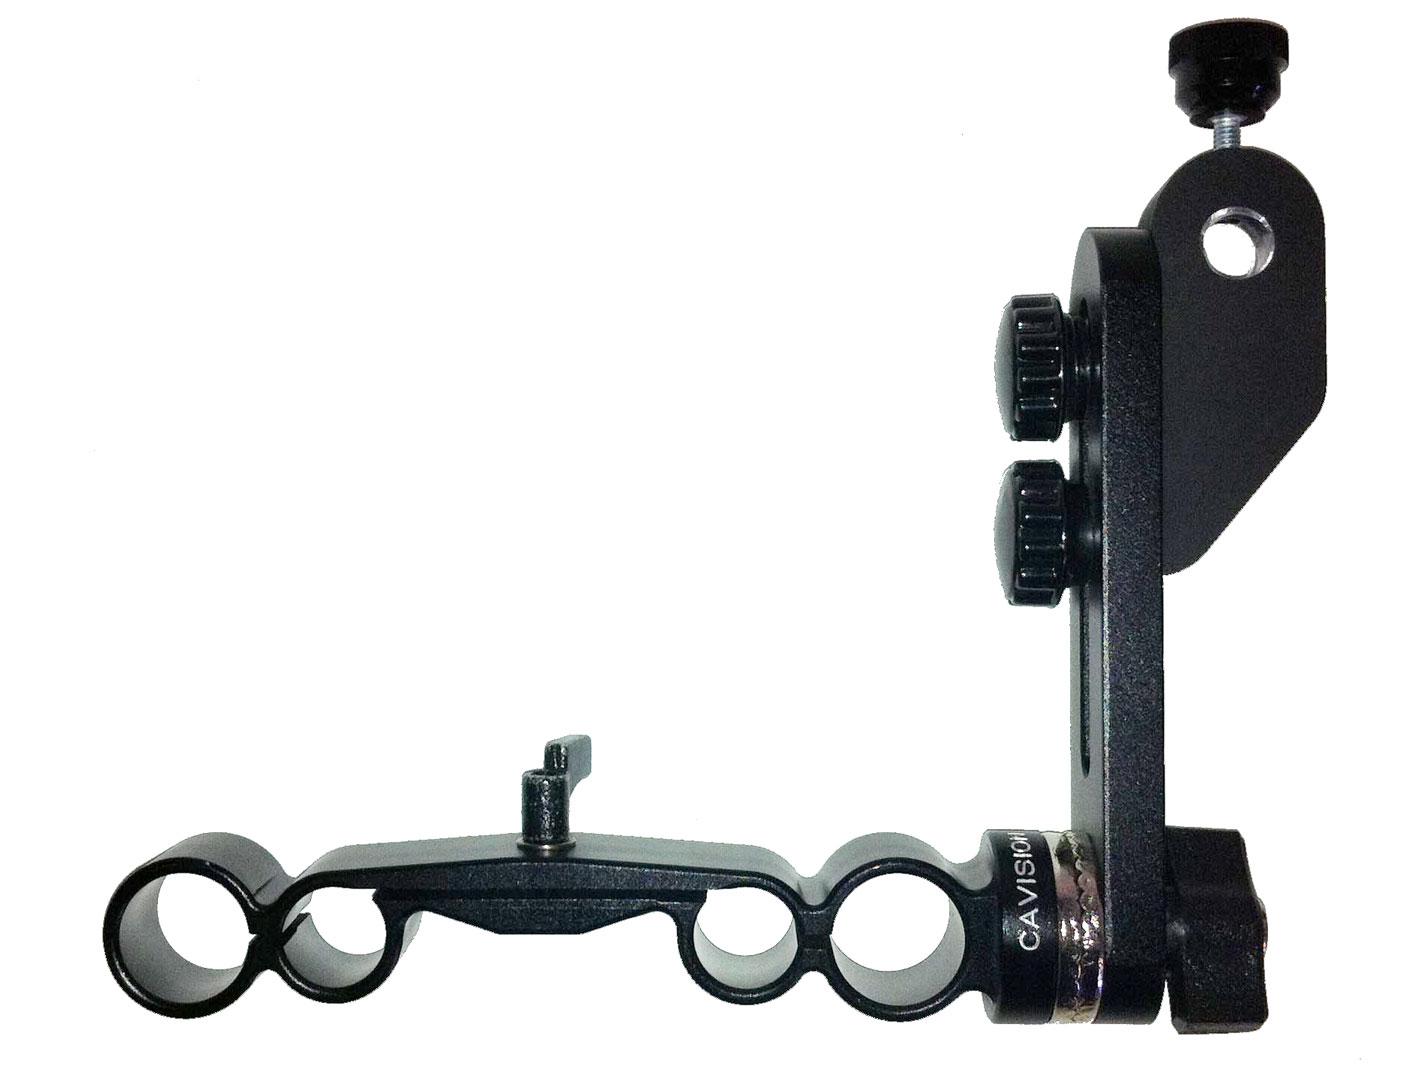 Retrofit Kit for Lenses with Matte Box Rails